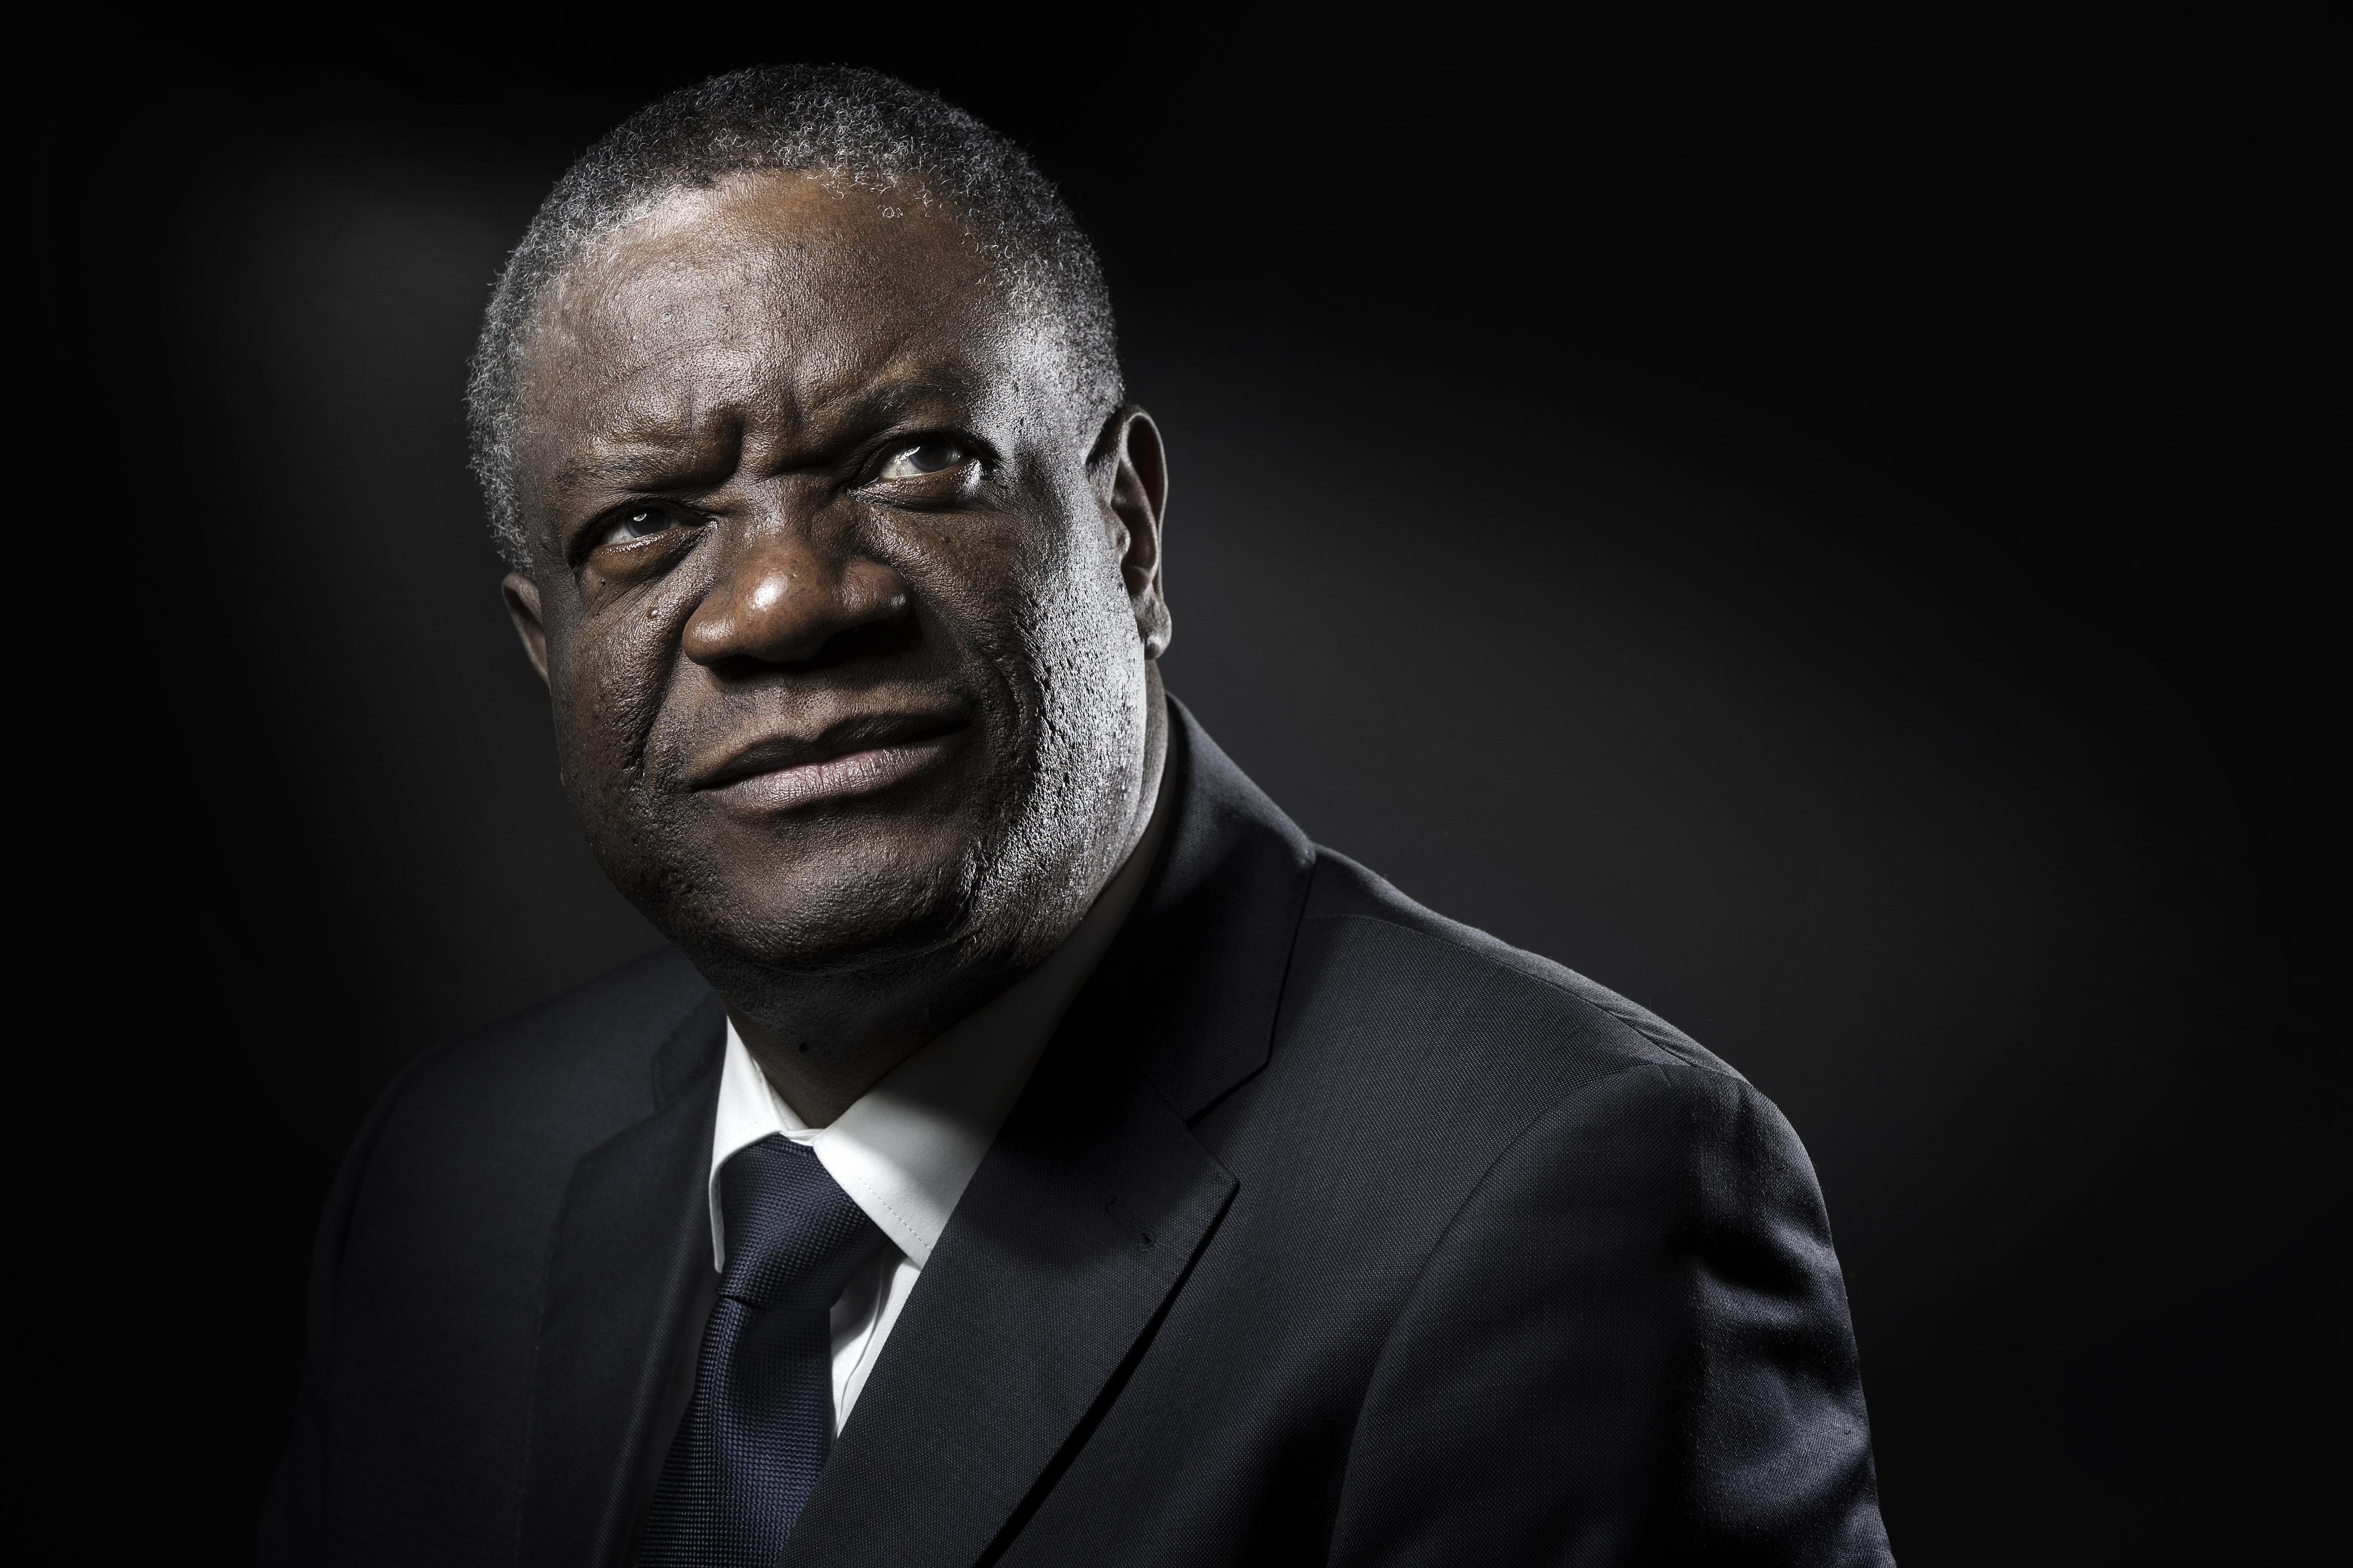 Violações em massa e tiros nos genitais. Médico congolês denuncia a violação como arma de guerra